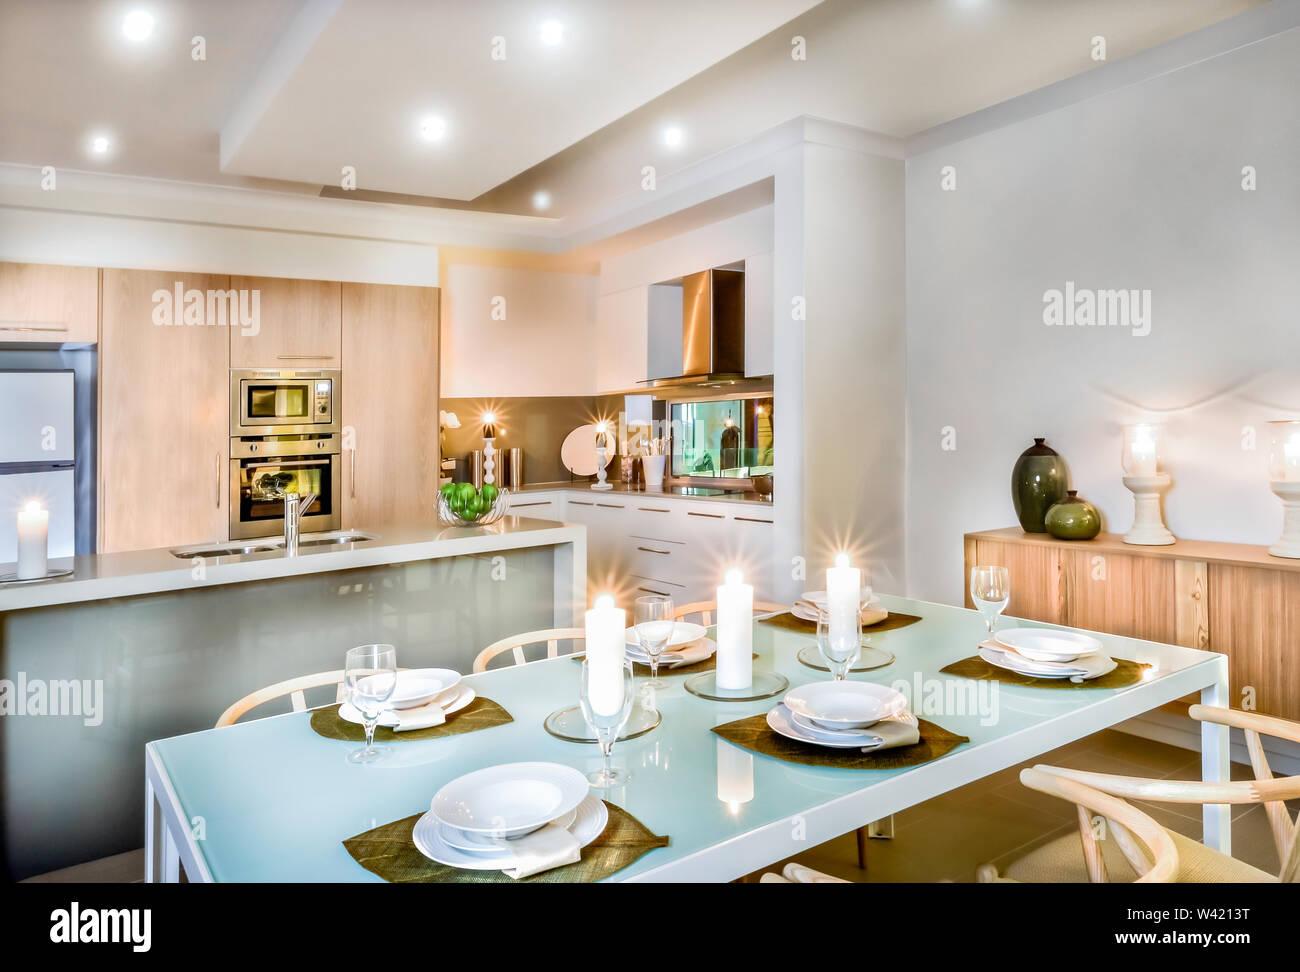 Cocina moderna y el comedor con velas por doquier, vasos y ...